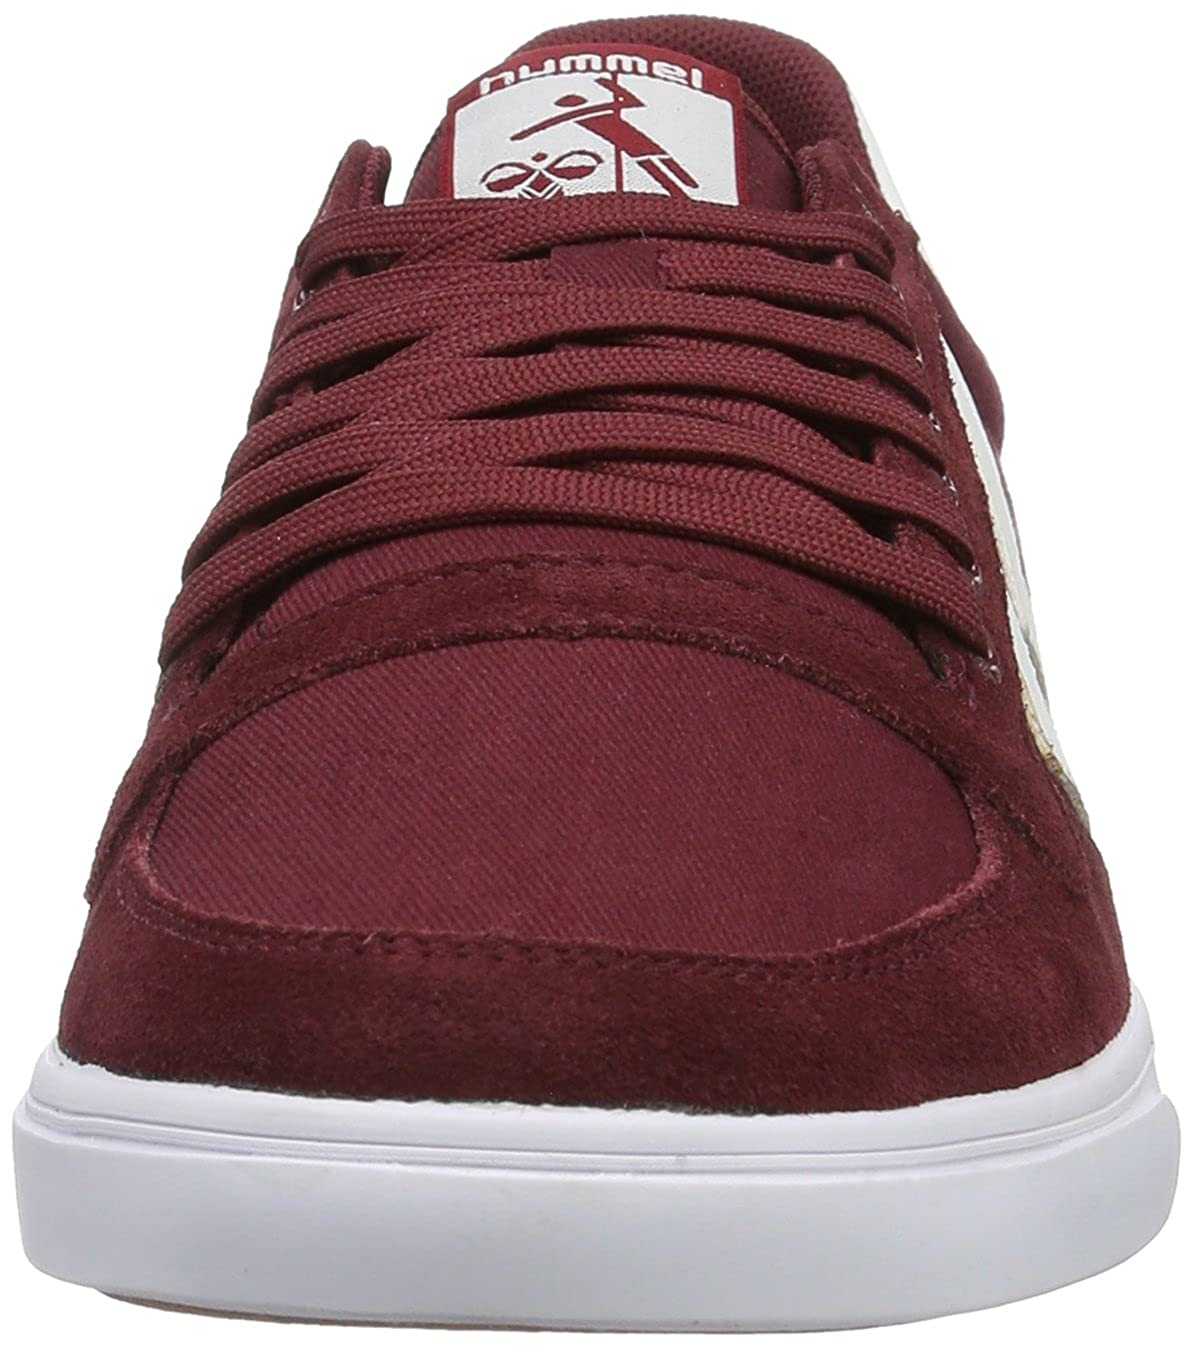 hummel Sneakers Slimmer Stadil Low, Sneakers hummel Basses Mixte Adulte 48ec23